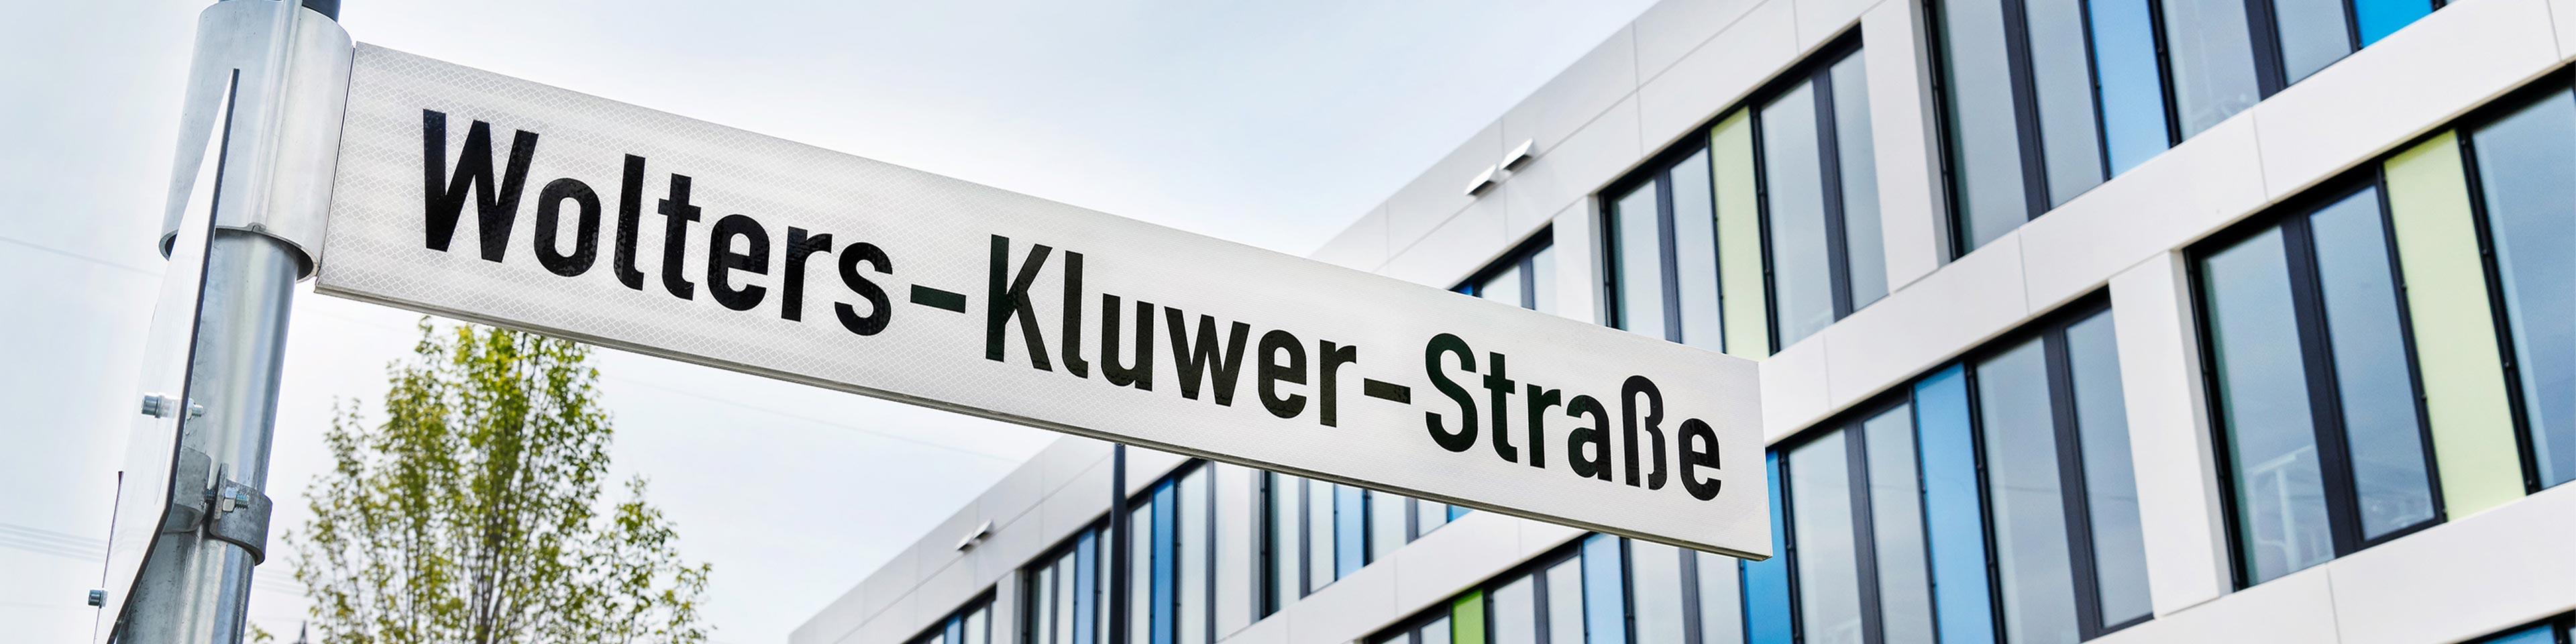 Wolters Kluwer Deutschland bezieht neues, innovatives Bürogebäude in Hürth